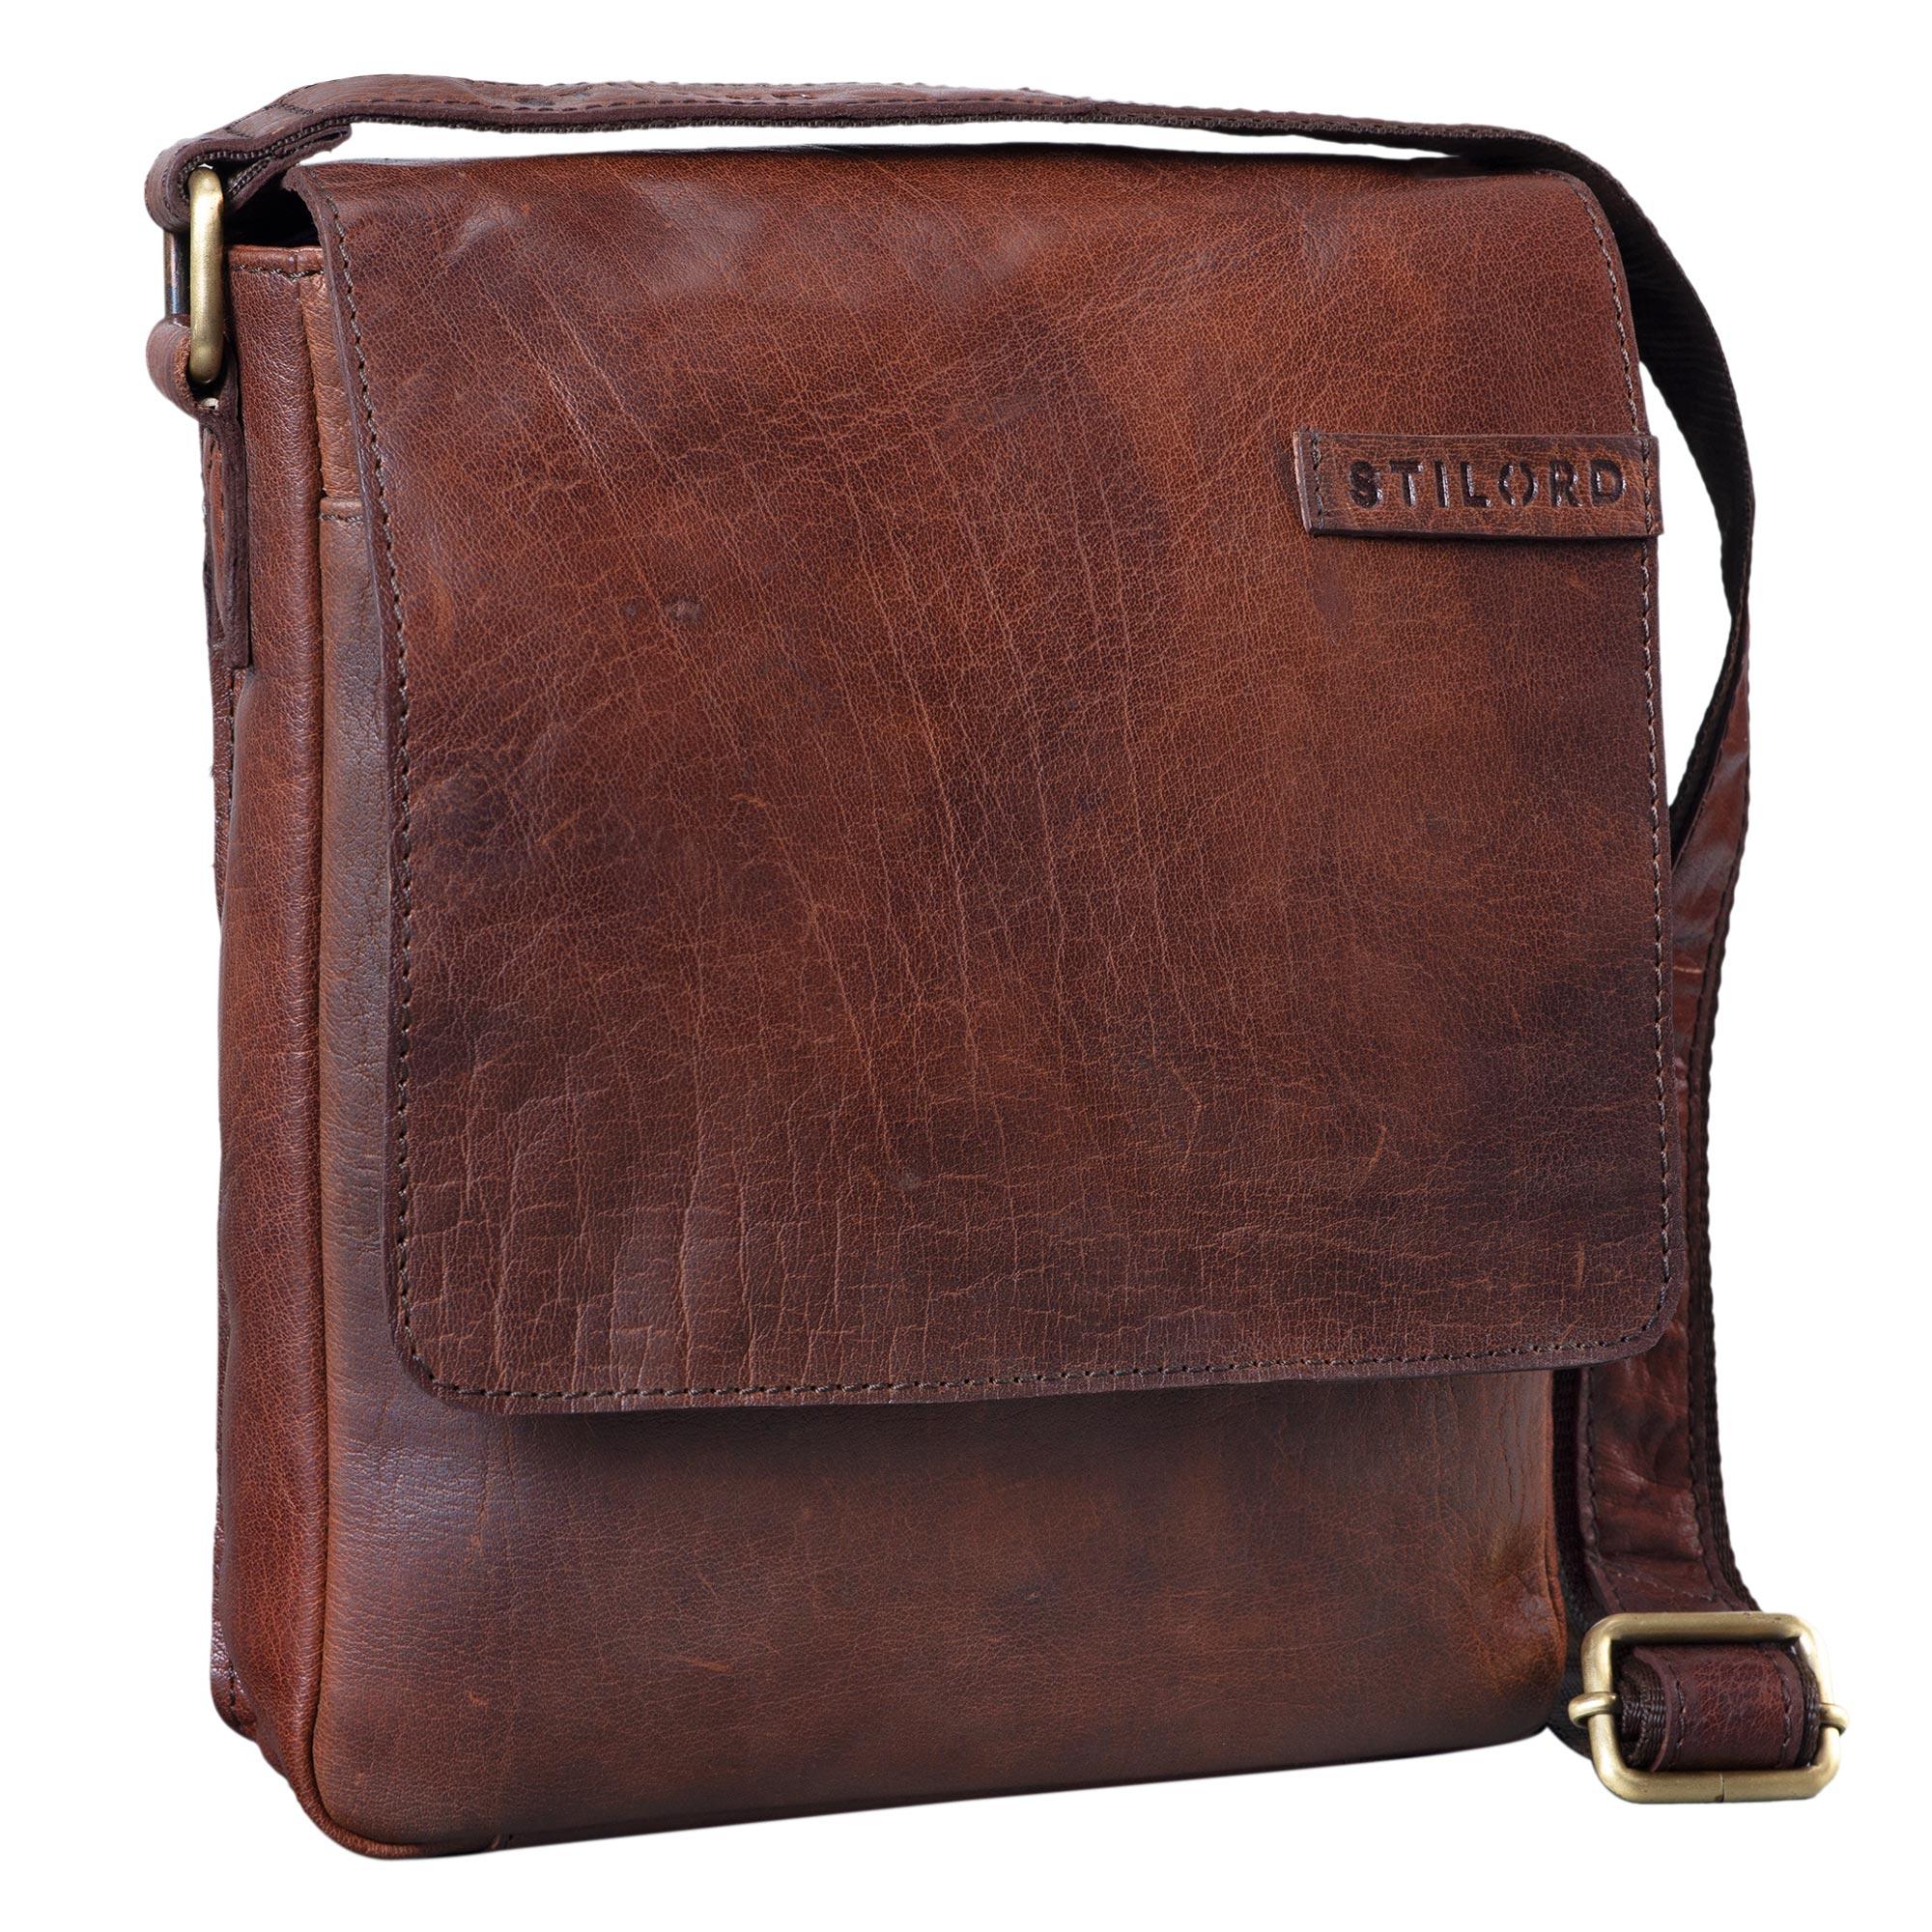 """STILORD """"Dario"""" Männer Umhängetasche Leder Vintage Messenger Bag für iPad 9,7 - 10,1 Zoll Tablettasche klein Schultertasche echtes Leder - Bild 15"""